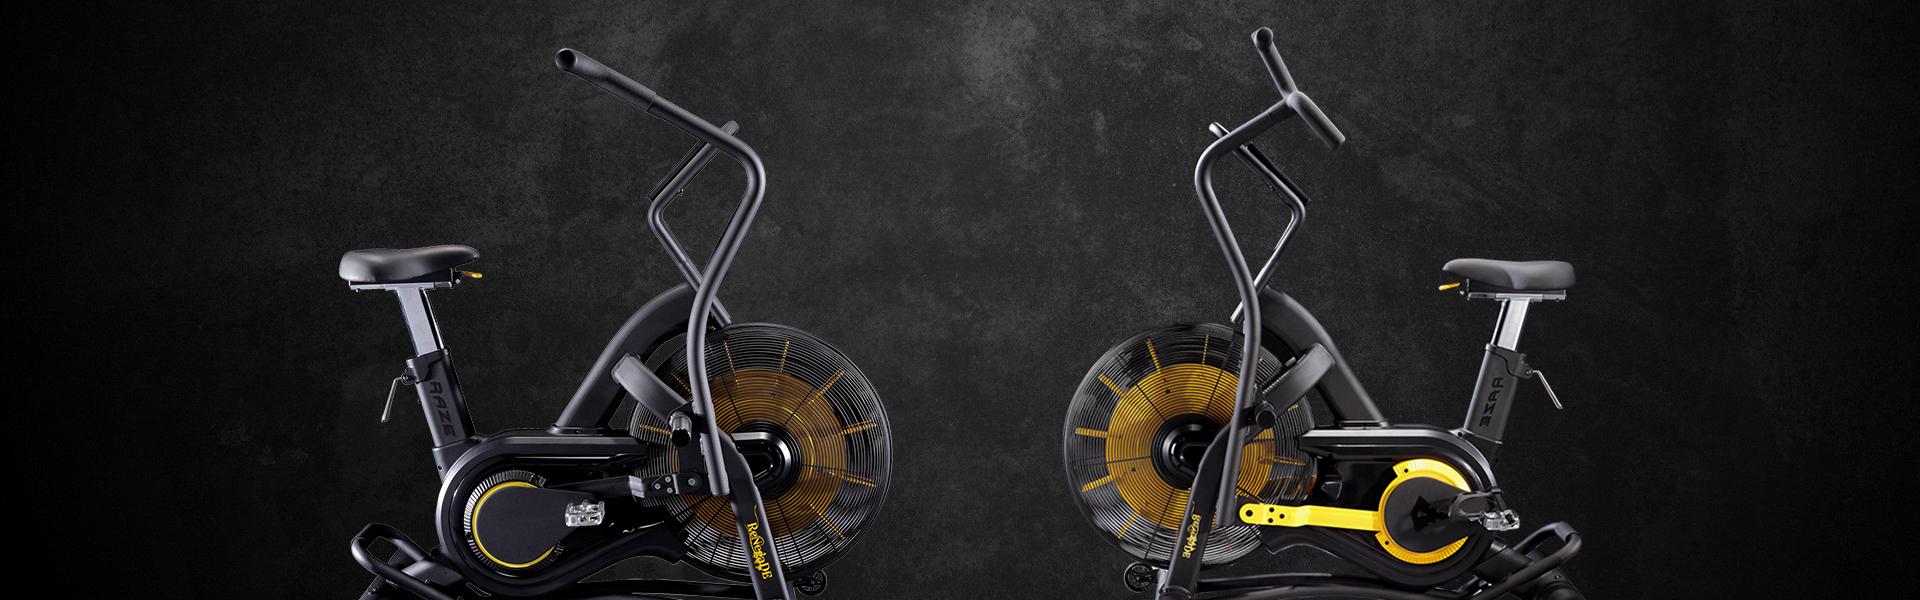 Renegade Air Bike Pro a Classic